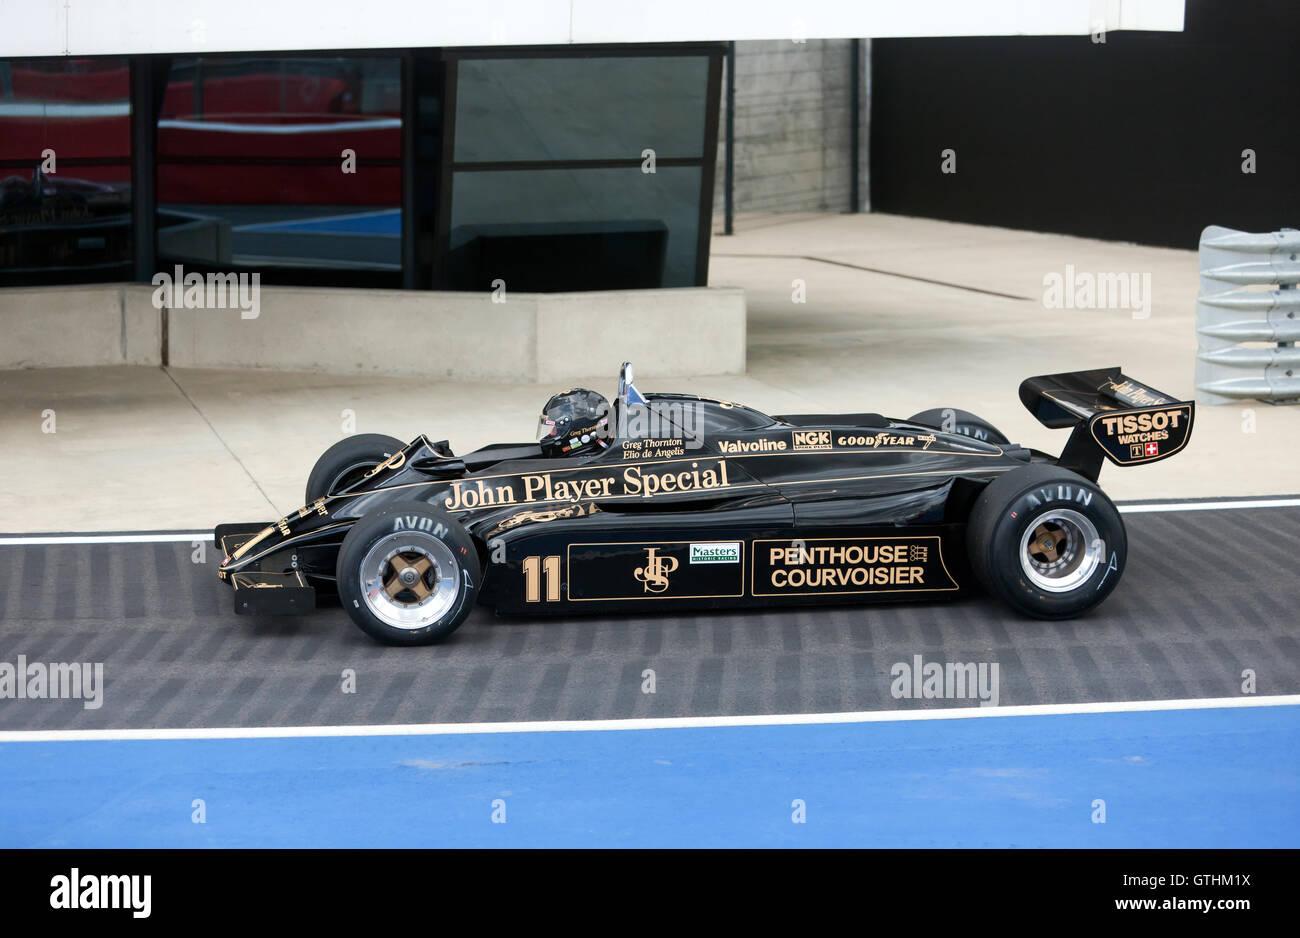 Un 1982, Lotus 91/5 dans la voie des stands, International au cours de qualification pour les maîtres de la FIA de Formule 1 historiques. Banque D'Images